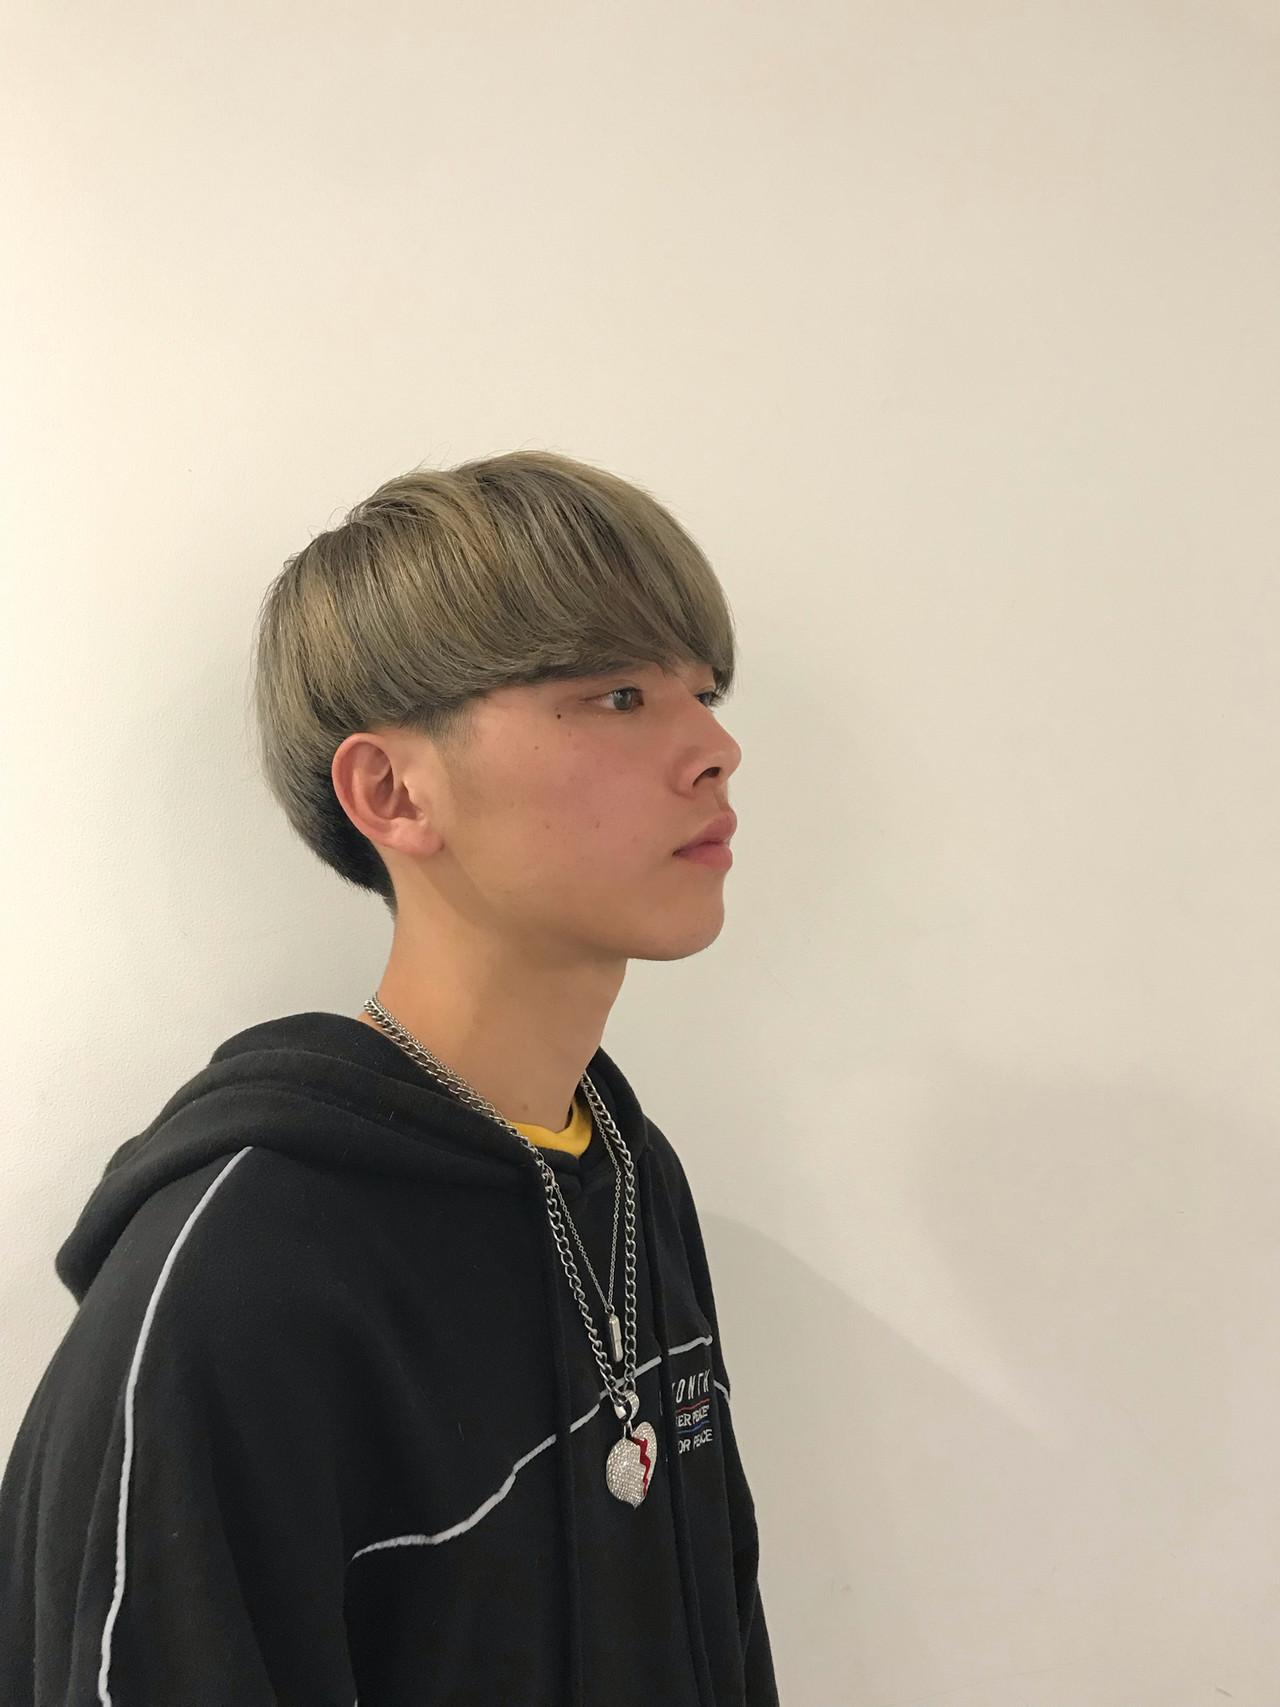 メンズヘア ショート メンズマッシュ 刈り上げ ヘアスタイルや髪型の写真・画像